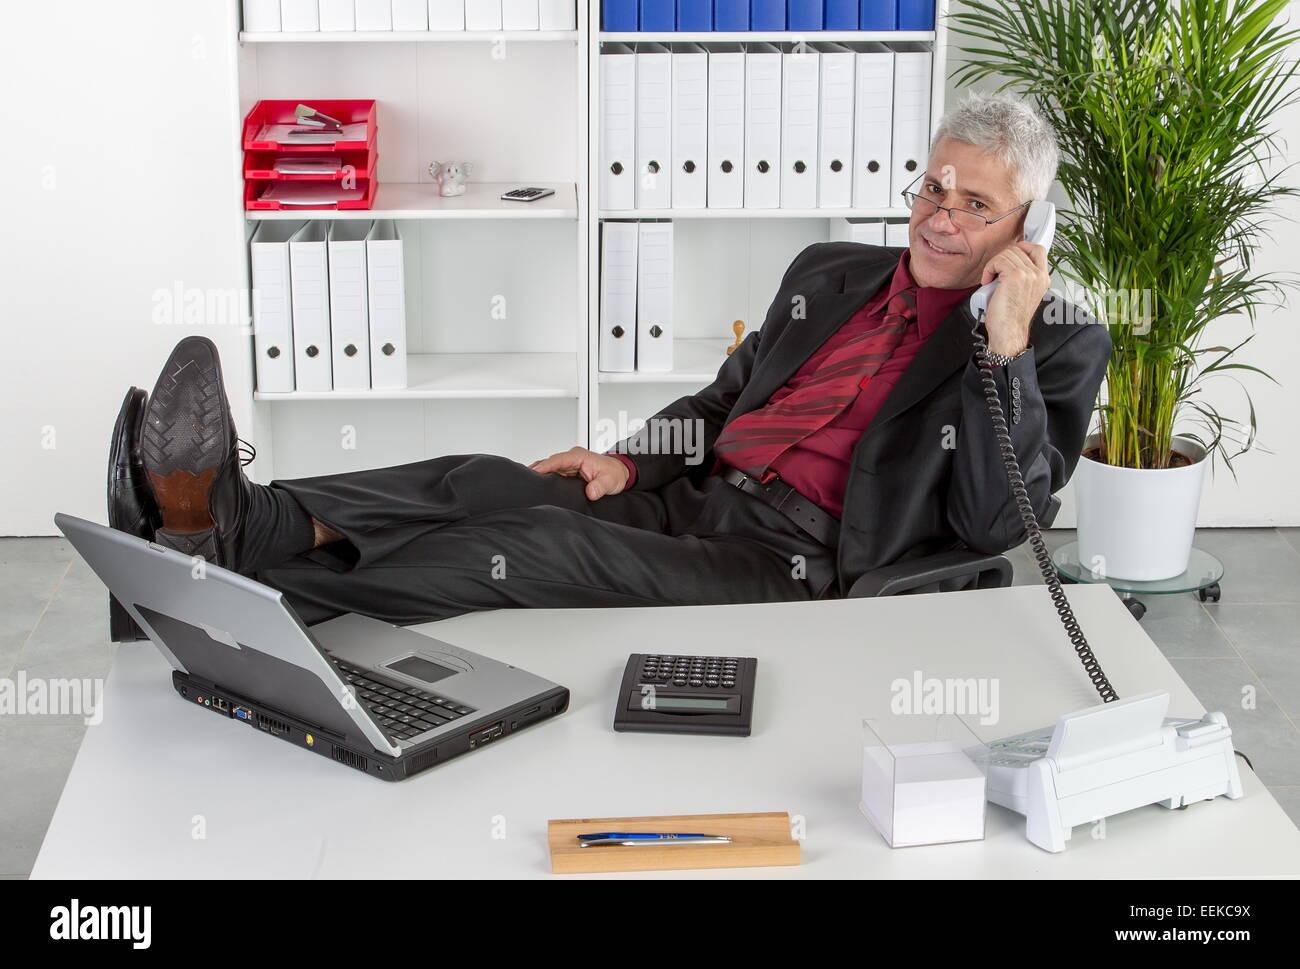 Mann mittleren Alters sitzt im Büro hat lässig die Beine auf dem Schreibtisch und telefoniert, Middle - Stock Image